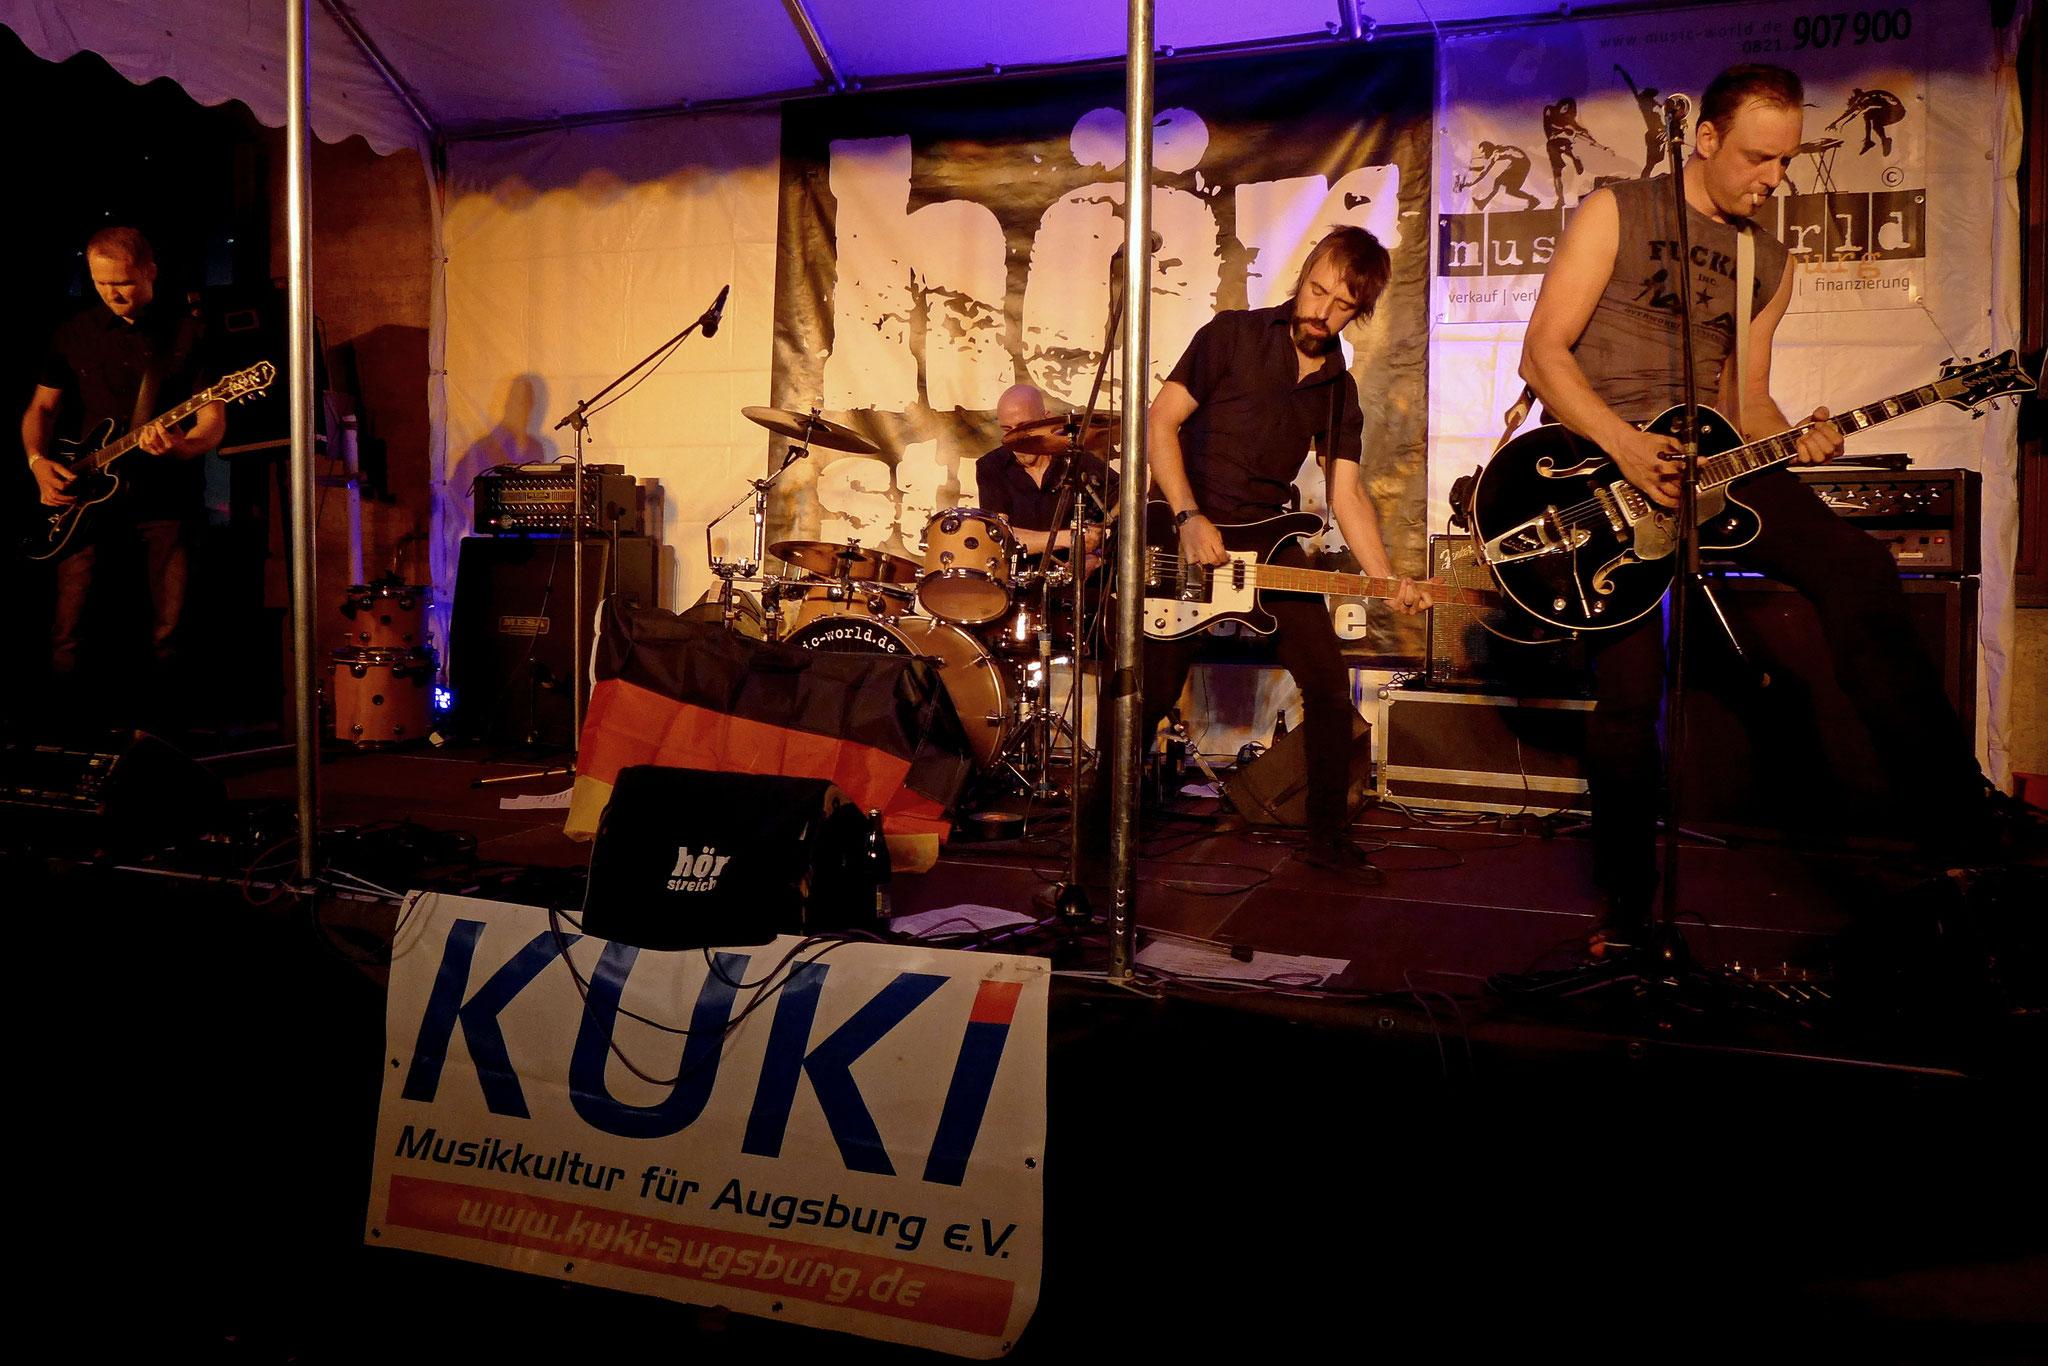 Konzerte im Bürgerhof 07.07.16 Hörstreich - Freiwilligen-Zentrum Augsburg - Foto: Christoph Urban